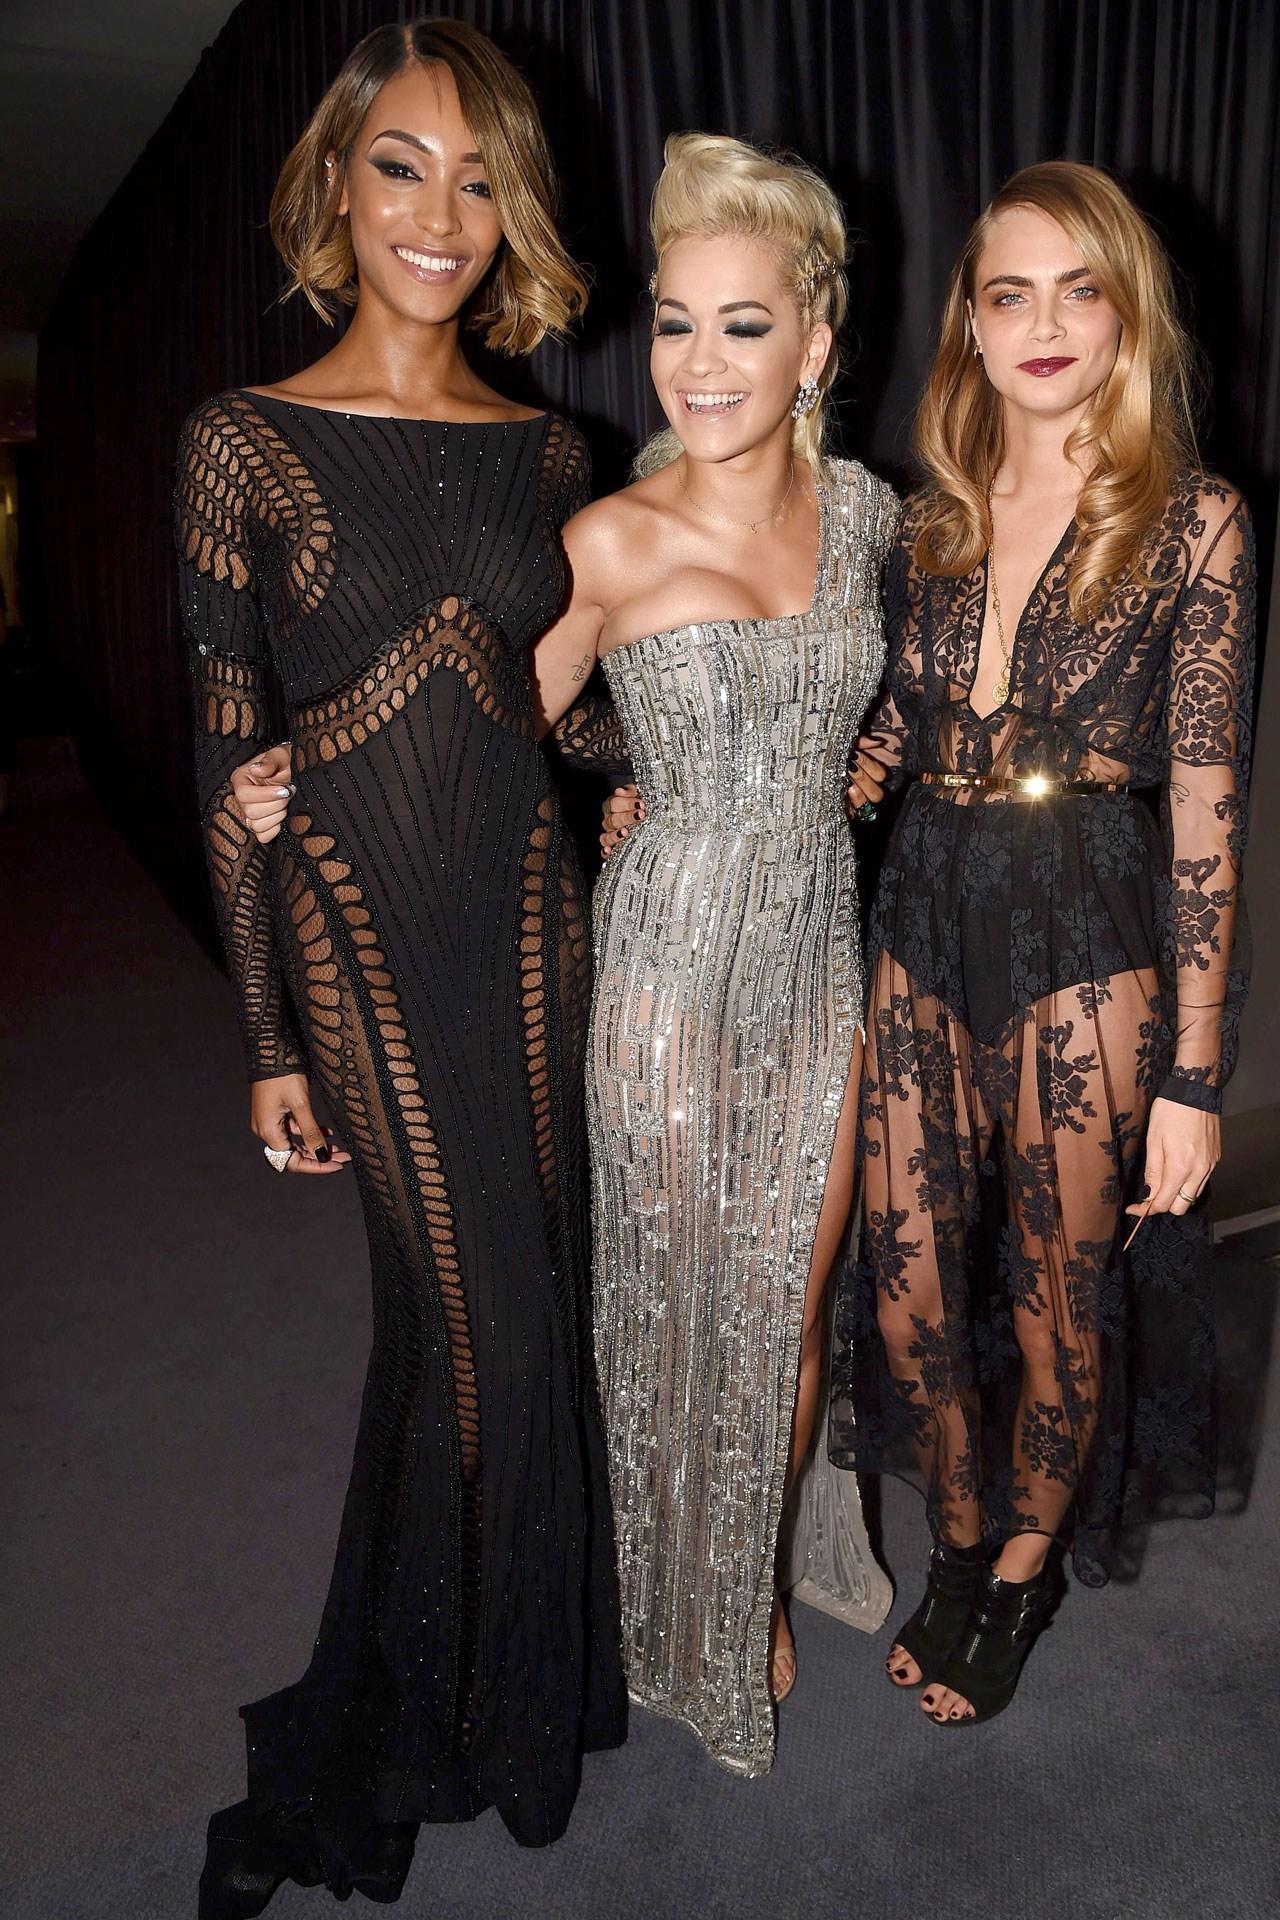 Jourdan Dunn, Rita Ora and Cara Delevingne.